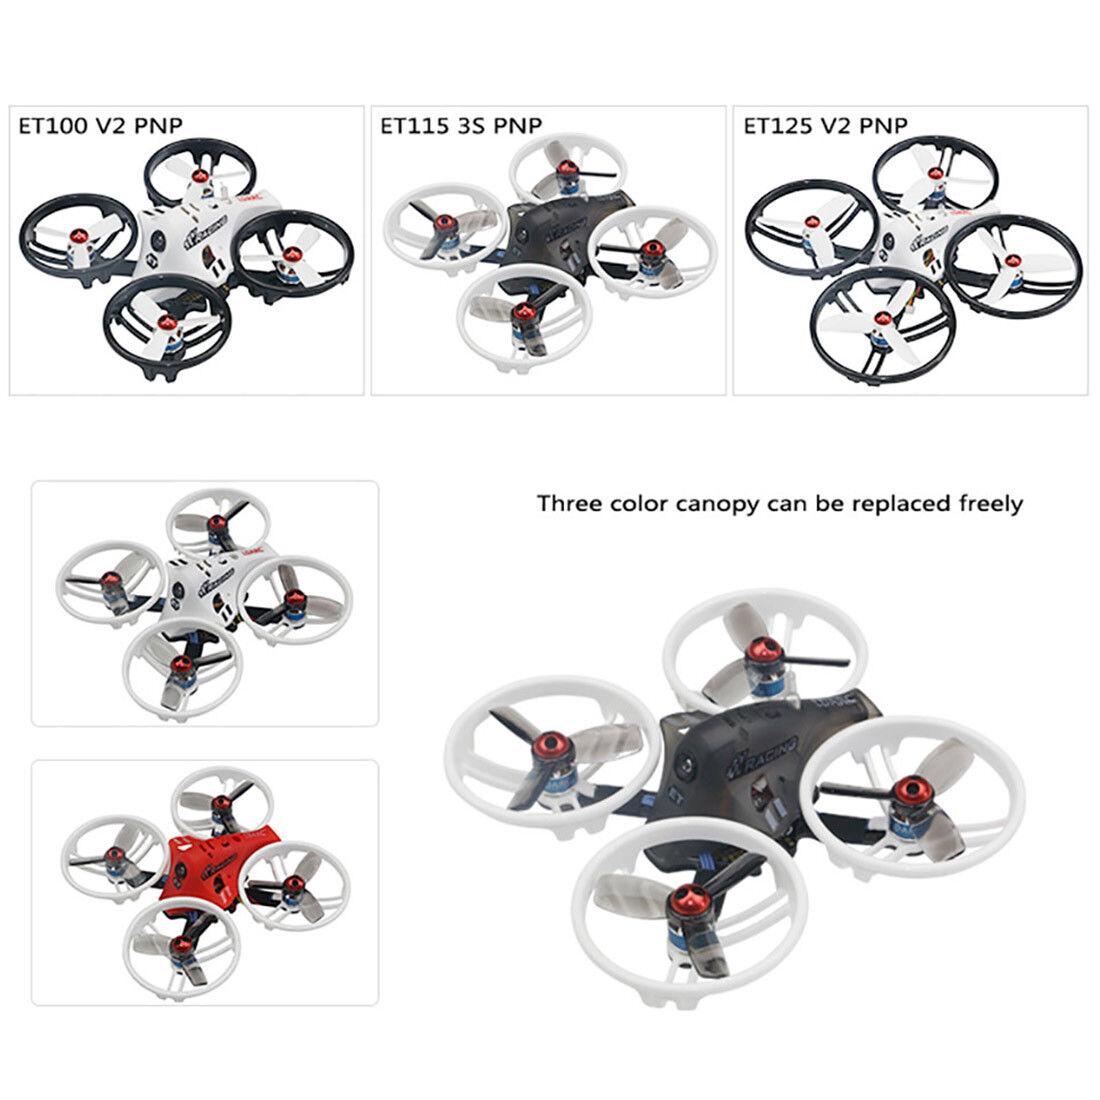 LDARC ET Series ET100 ET115 ET125 3S V2 Micro FPV Racing Drone Quadcopter